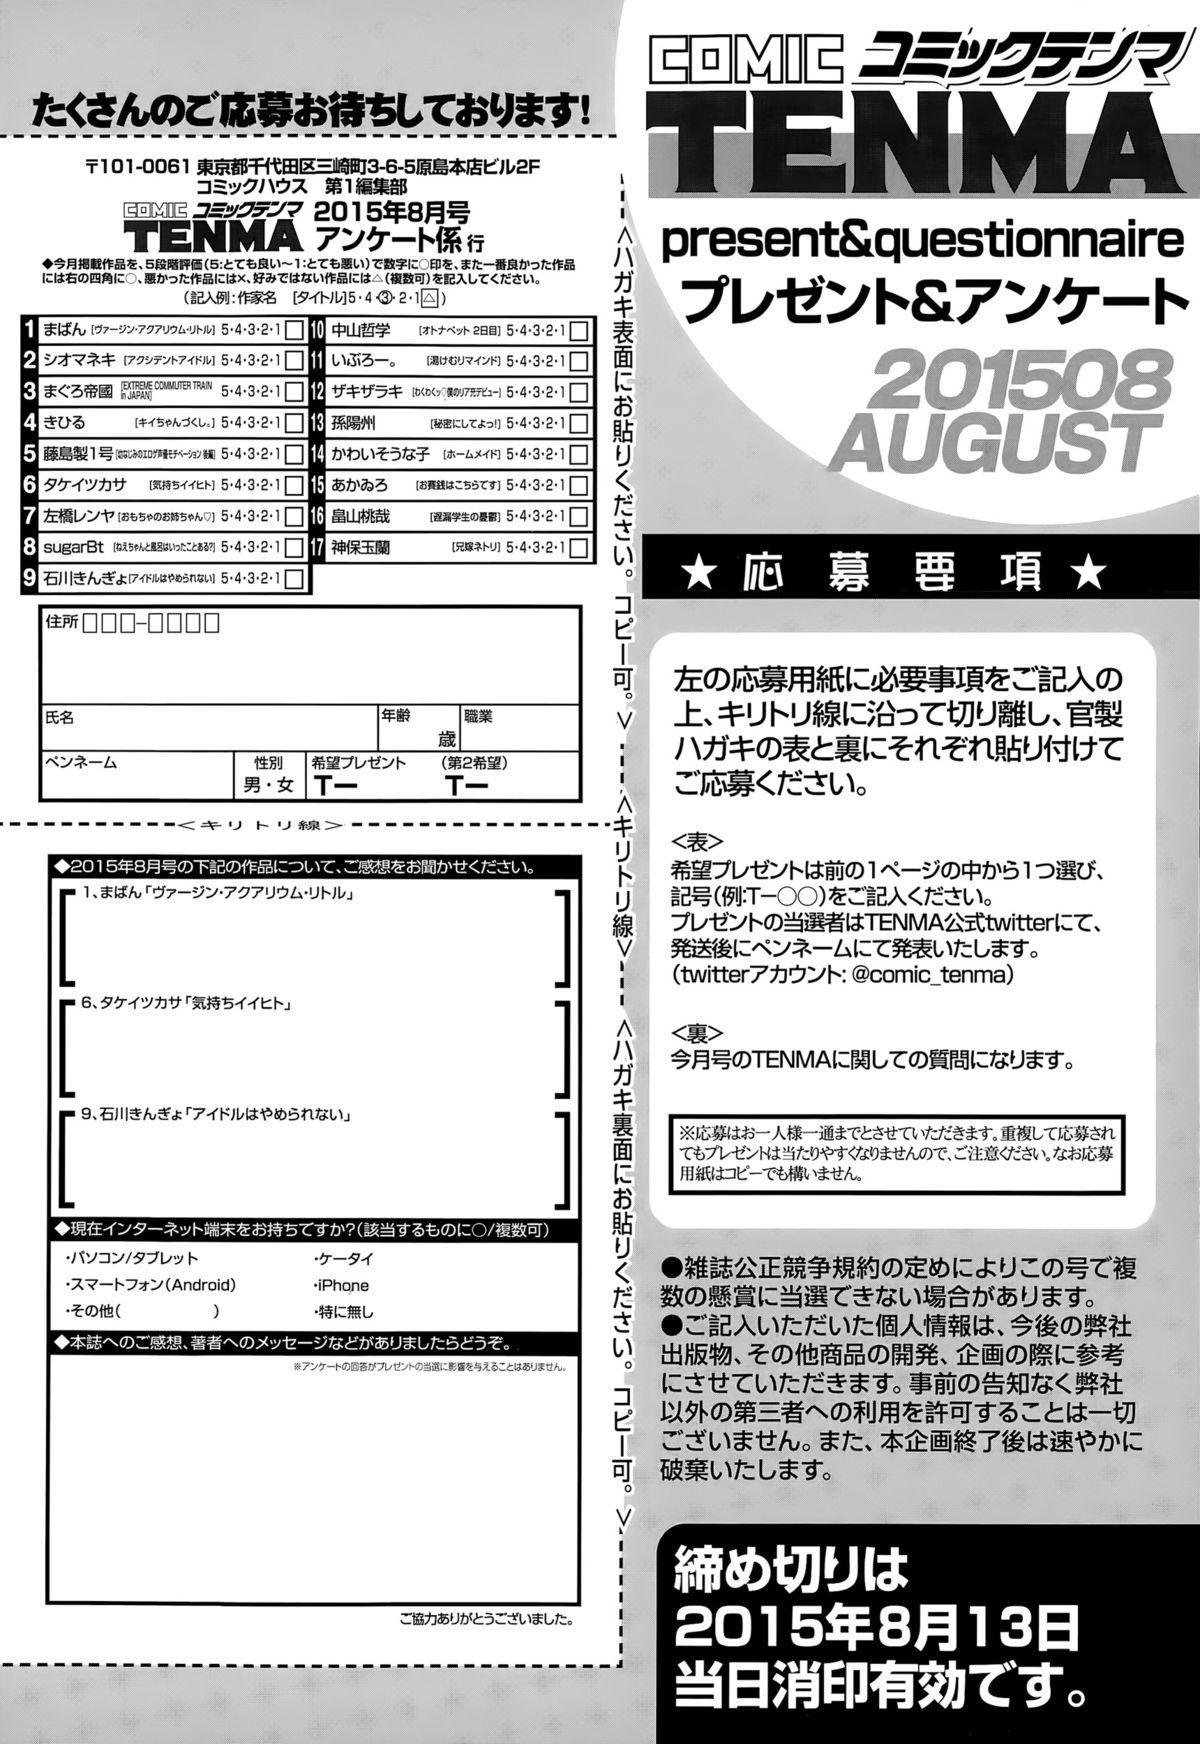 COMIC Tenma 2015-08 414